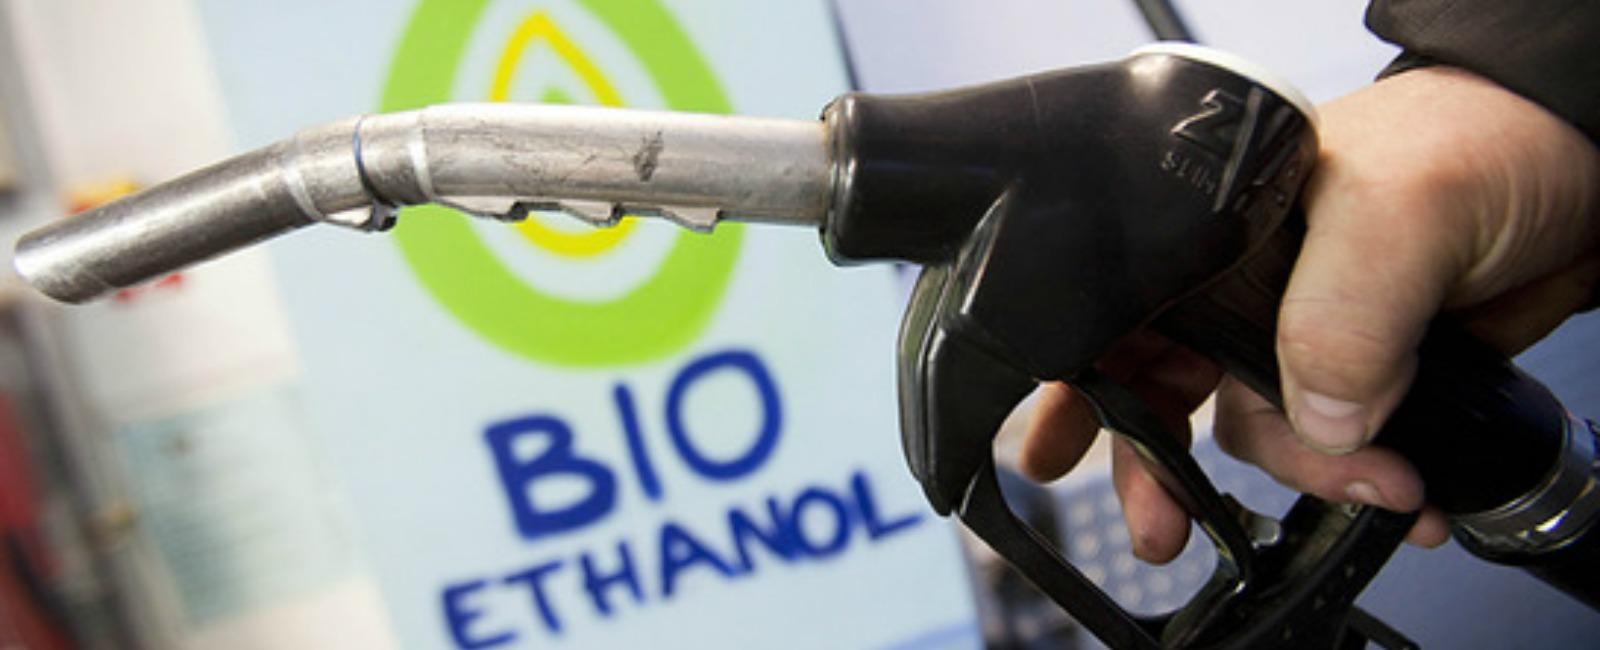 Υποχρεωτικά τα βιοκαύσιμα στην Ελλάδα